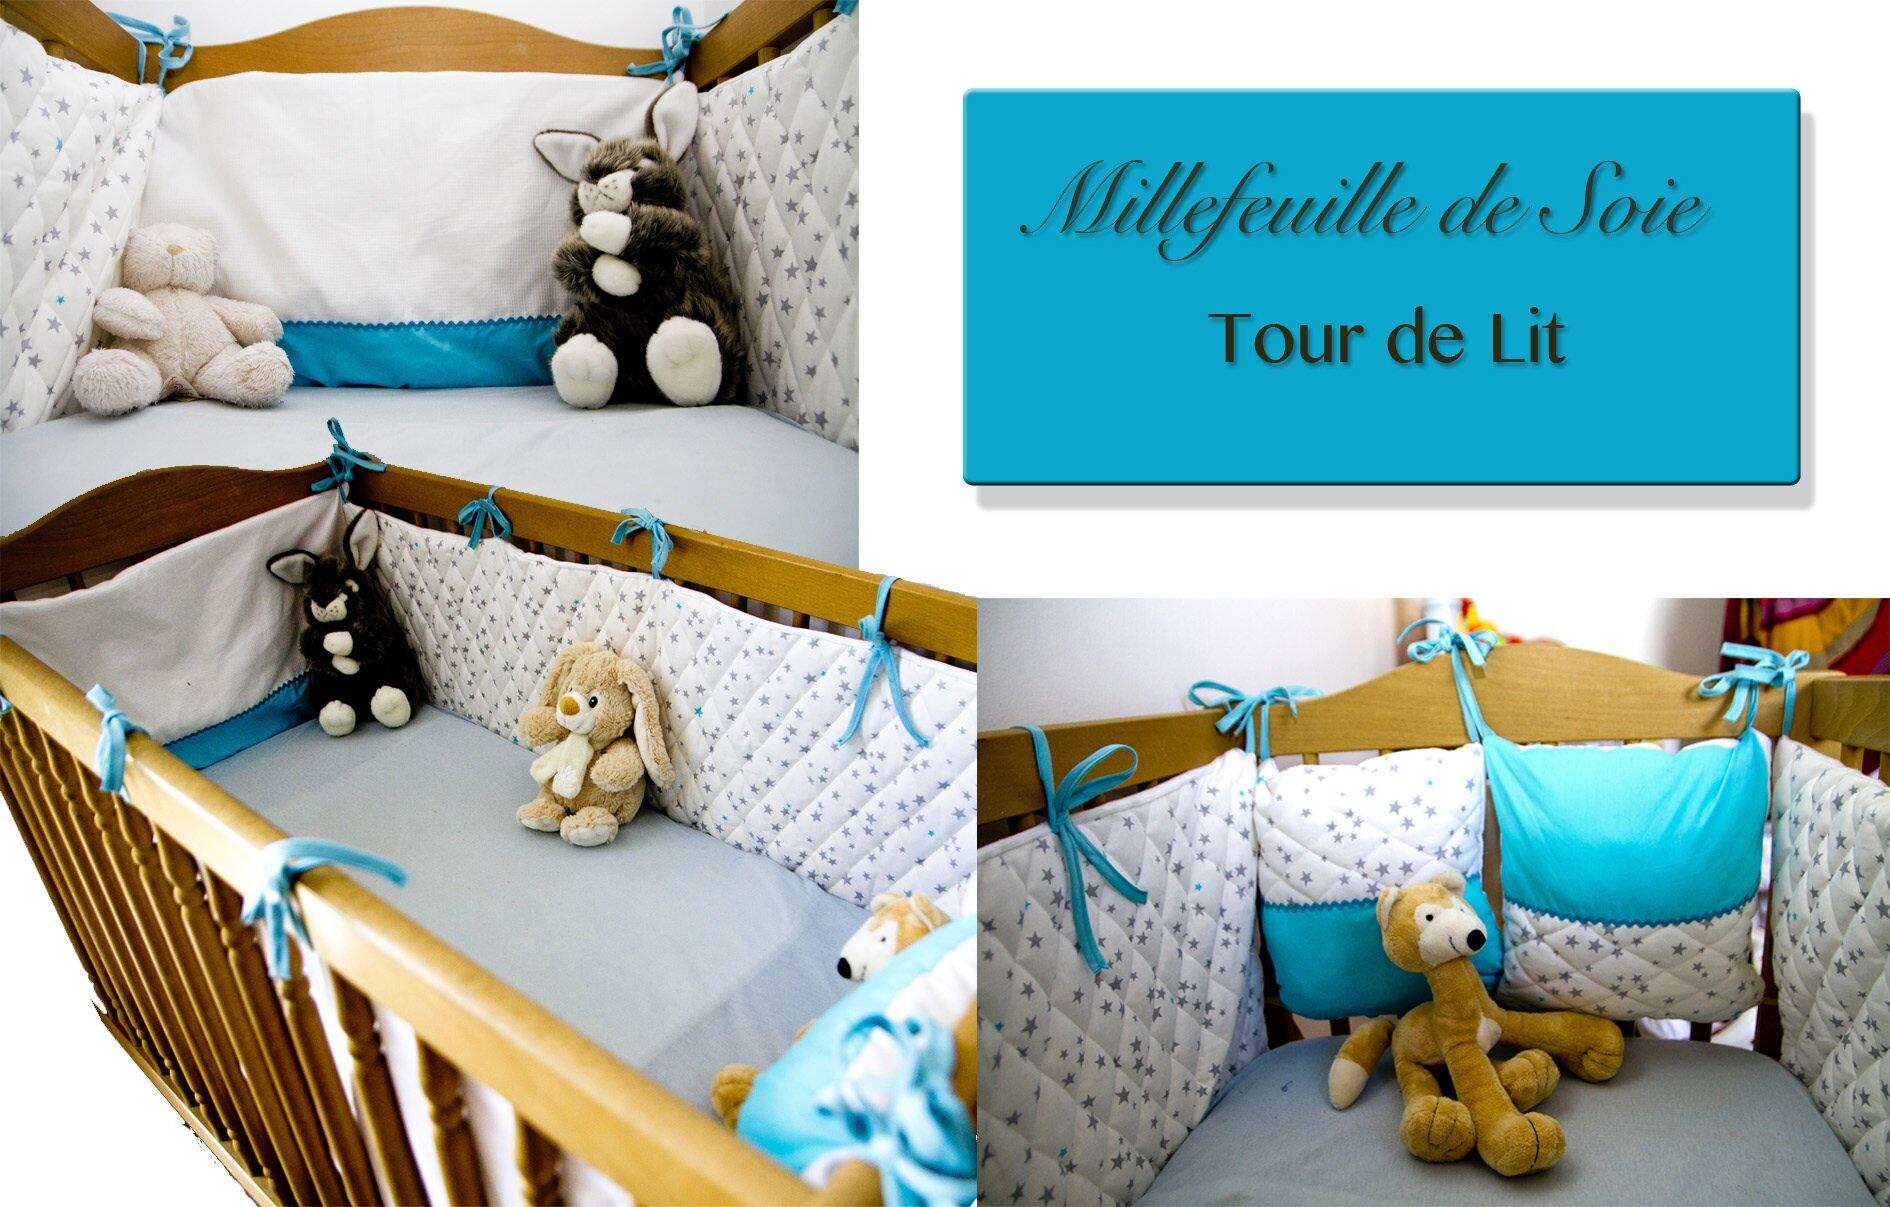 tour de lit pas comme les autres millefeuille de soie. Black Bedroom Furniture Sets. Home Design Ideas